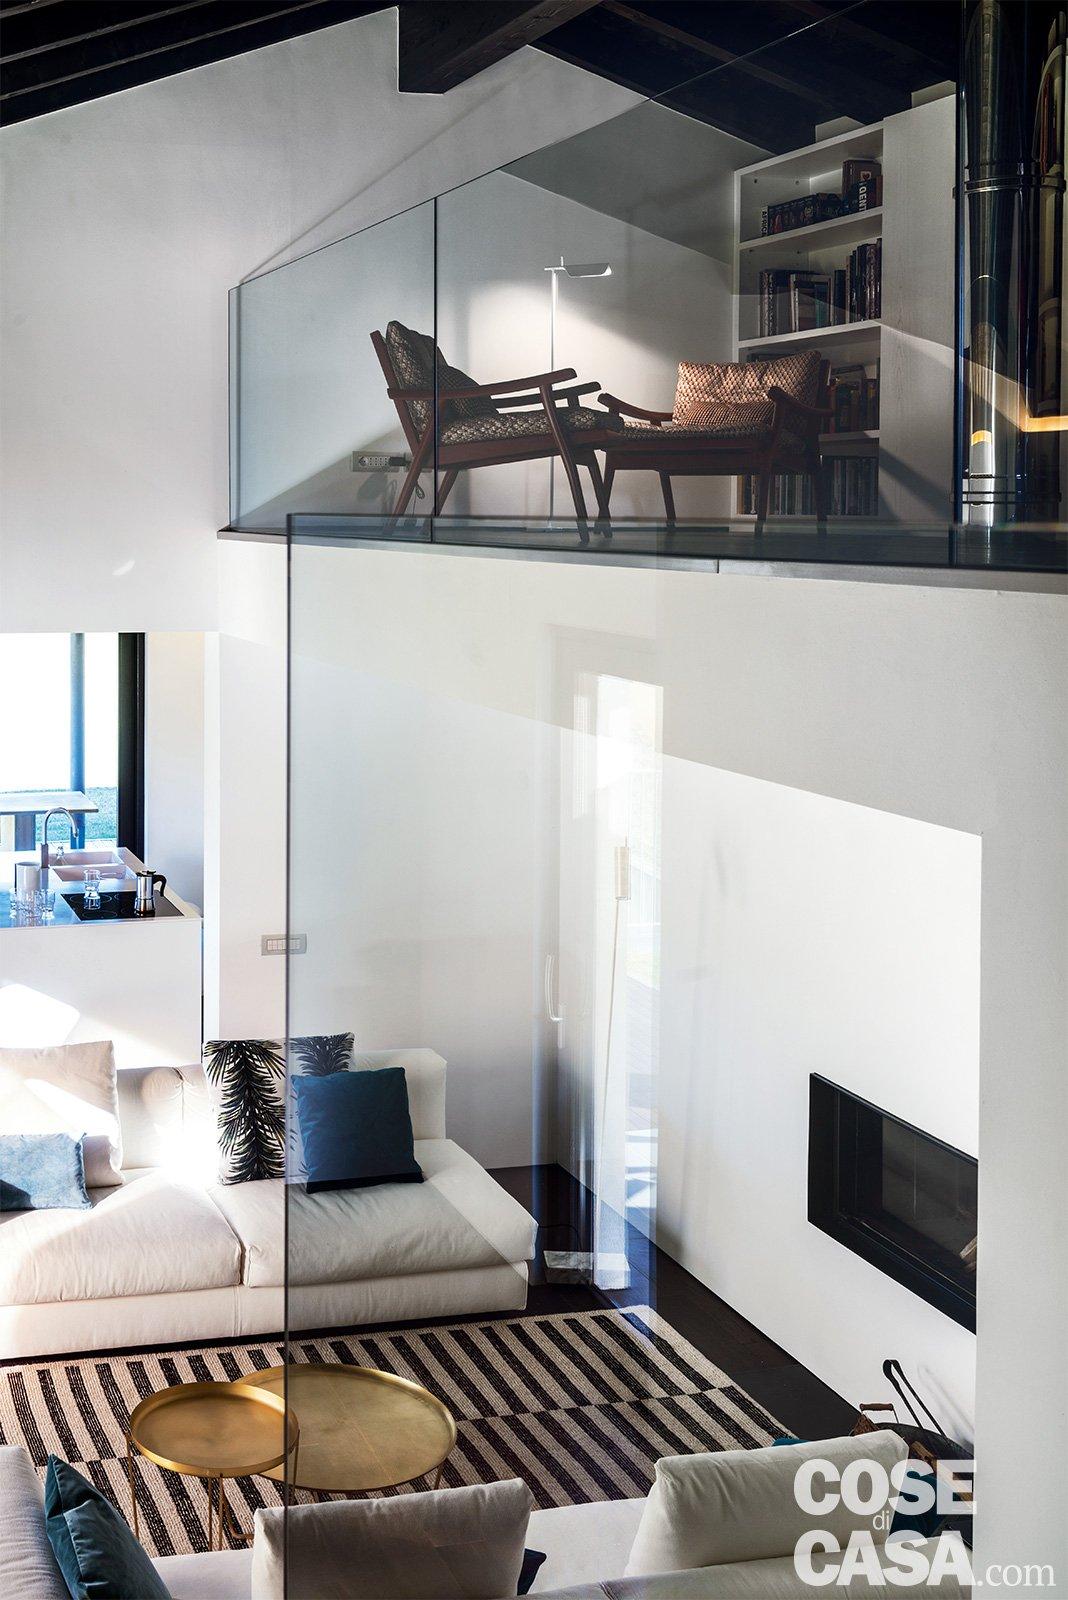 145 mq terra tetto ampi volumi a doppia altezza come in un loft con soppalco sottotetto cose - Riscaldare casa a basso costo ...